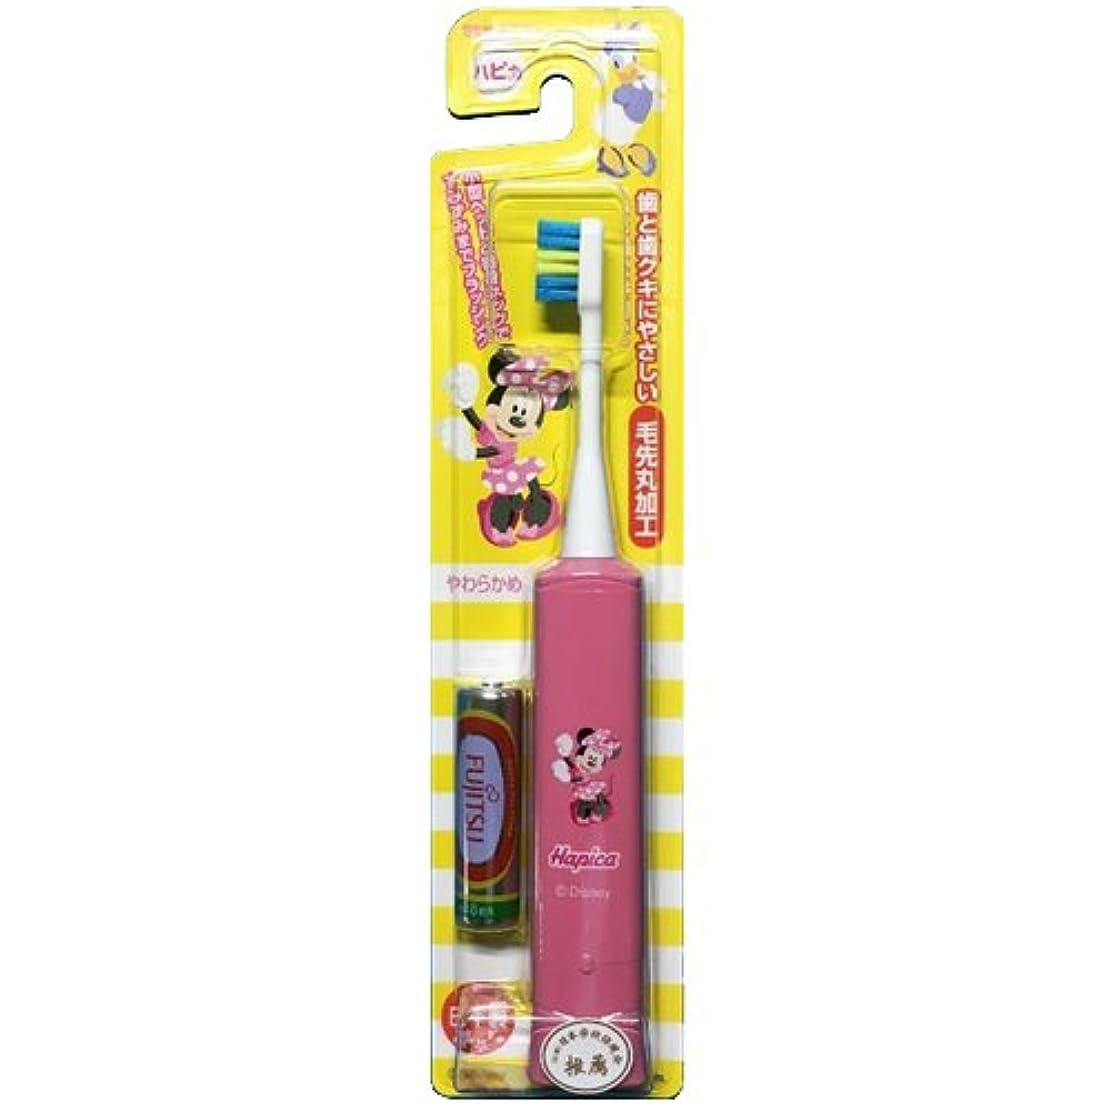 サイクルかもしれない推定ミニマム 電動付歯ブラシ こどもハピカ ミニー(ピンク) 毛の硬さ:やわらかめ DBK-5P(MK)